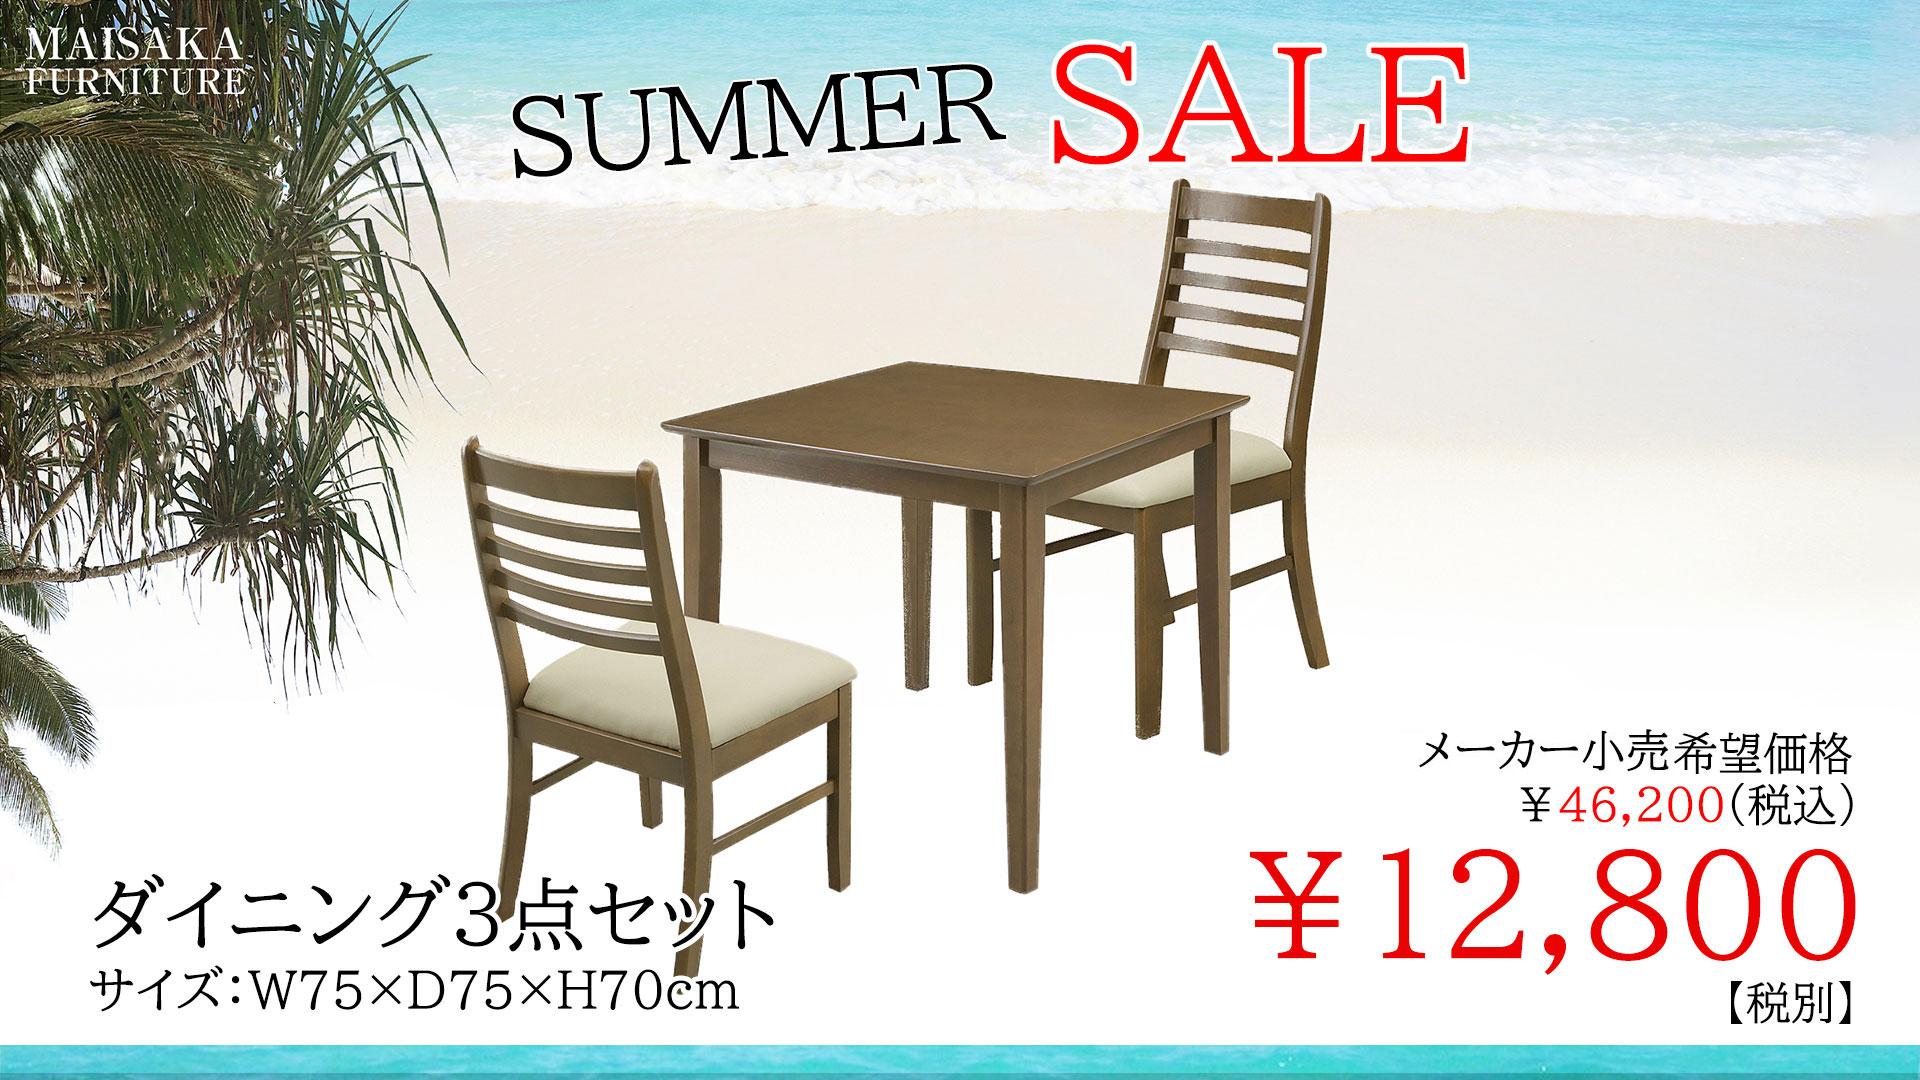 マイサカ家具7月の夏のチラシの目玉商品ダイニング3点セットの画像